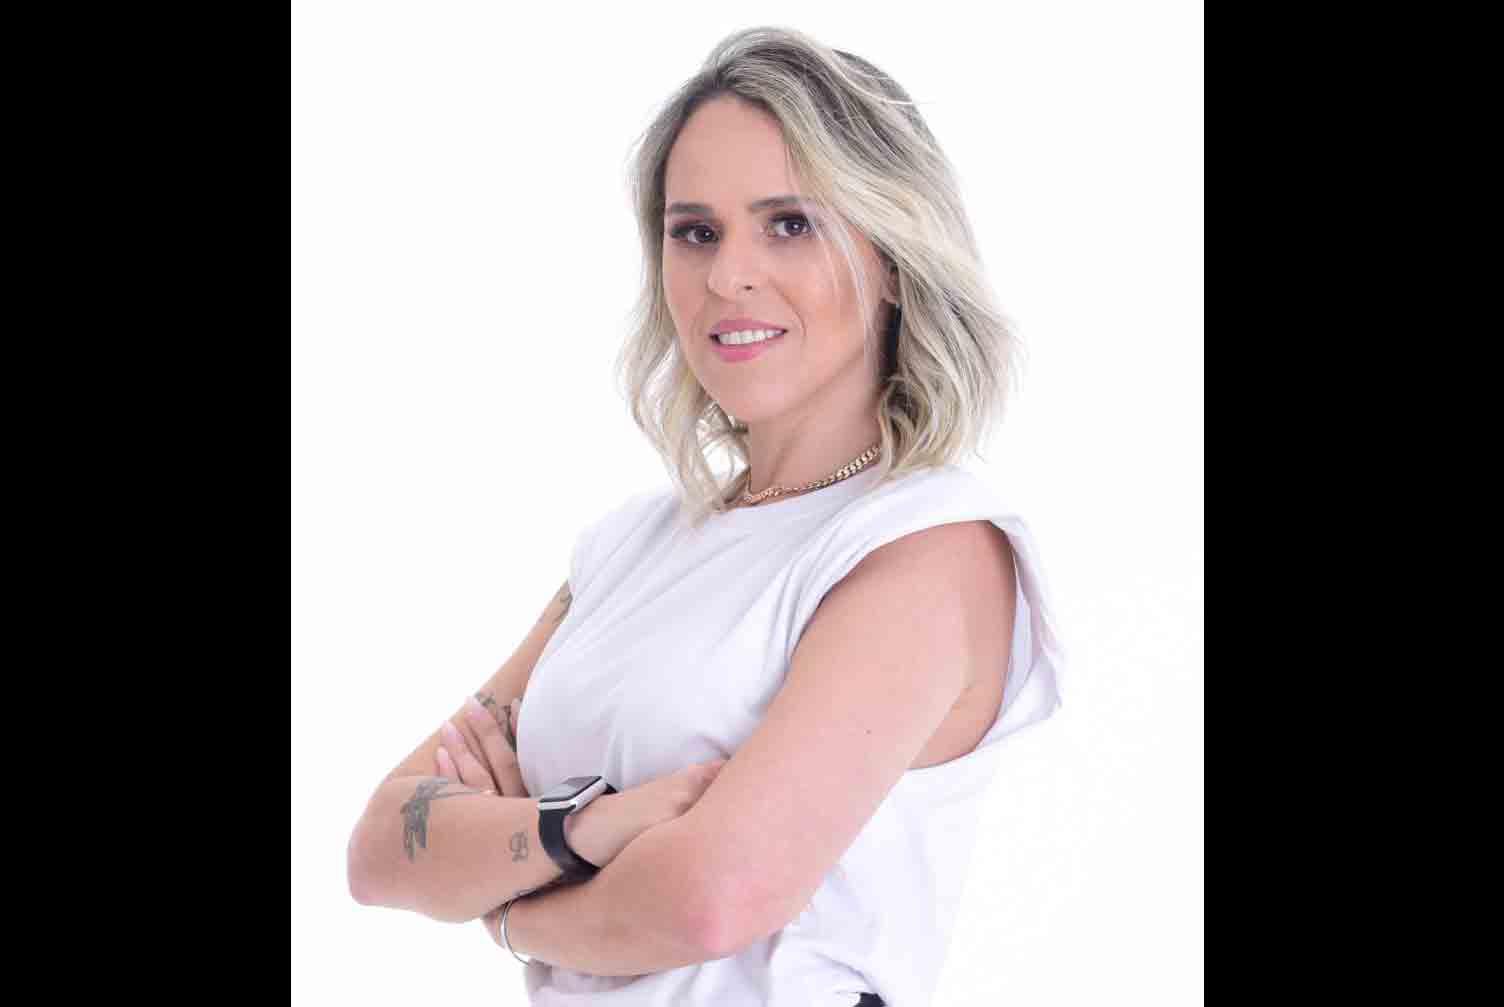 Brisa Dantas, psicóloga especialista em relacionamentos, lança curso que ajuda mulheres a desenvolverem amor próprio. Foto: Divulgação